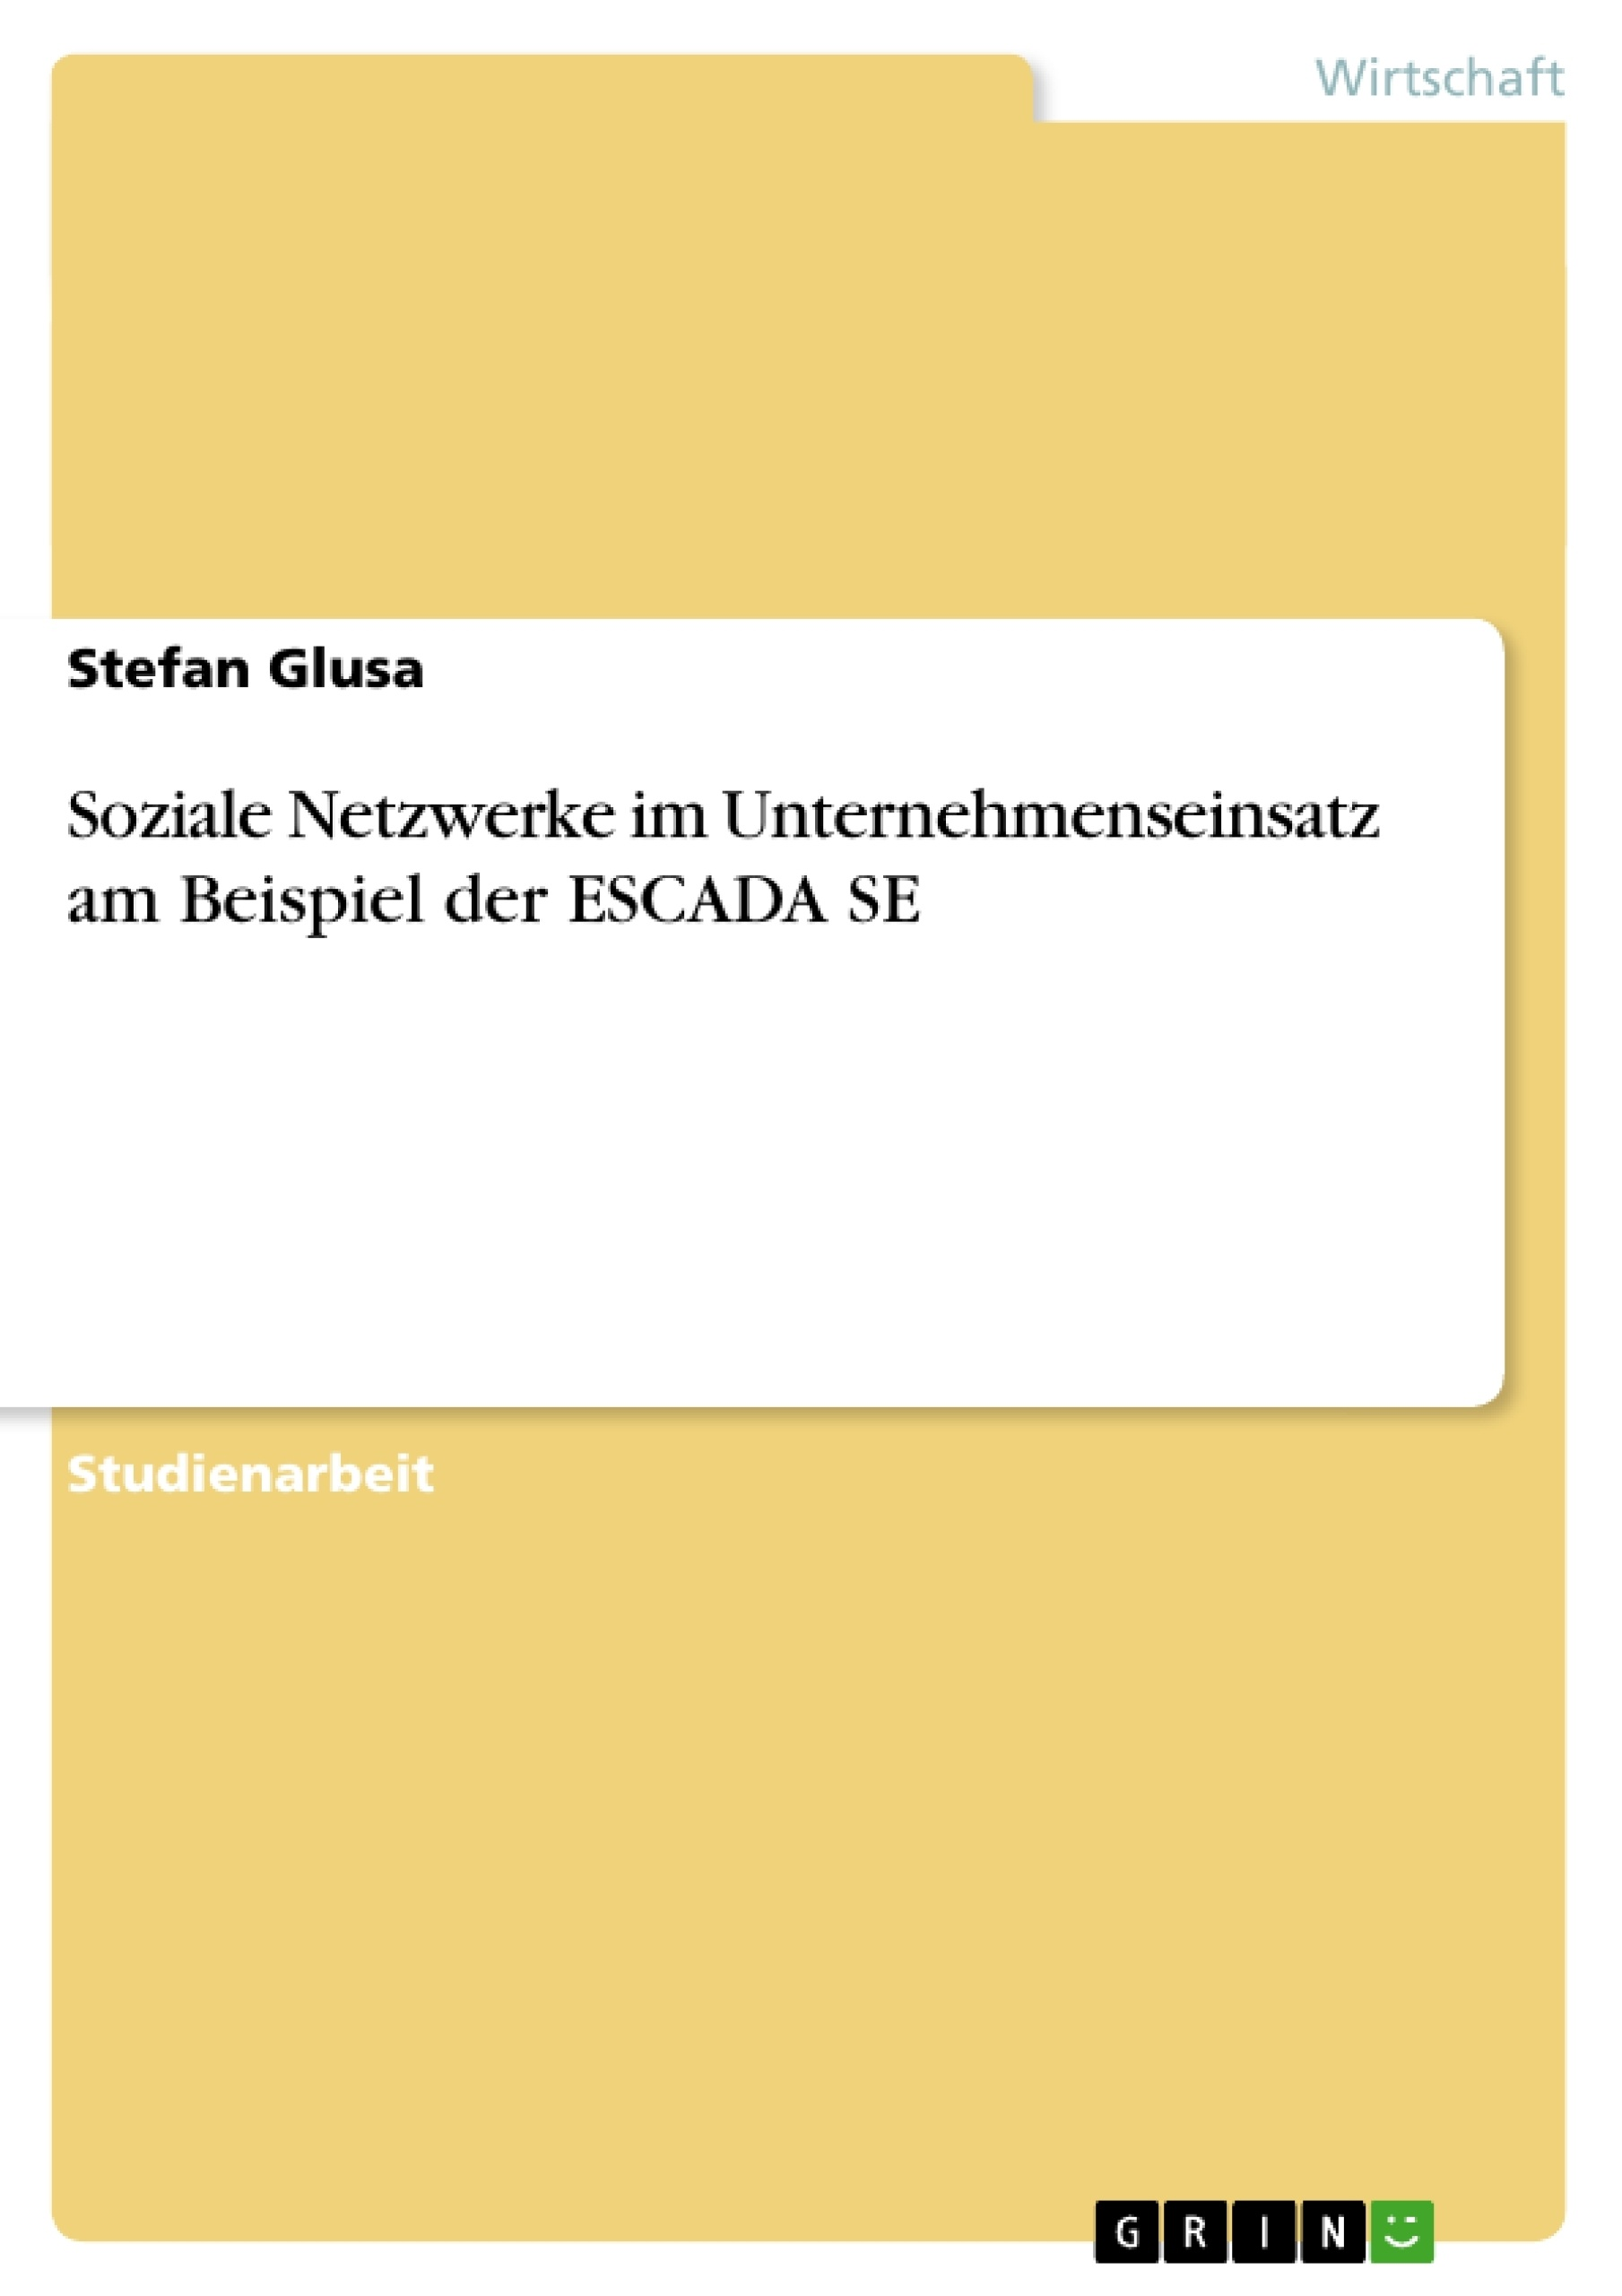 Titel: Soziale Netzwerke im Unternehmenseinsatz am Beispiel der ESCADA SE